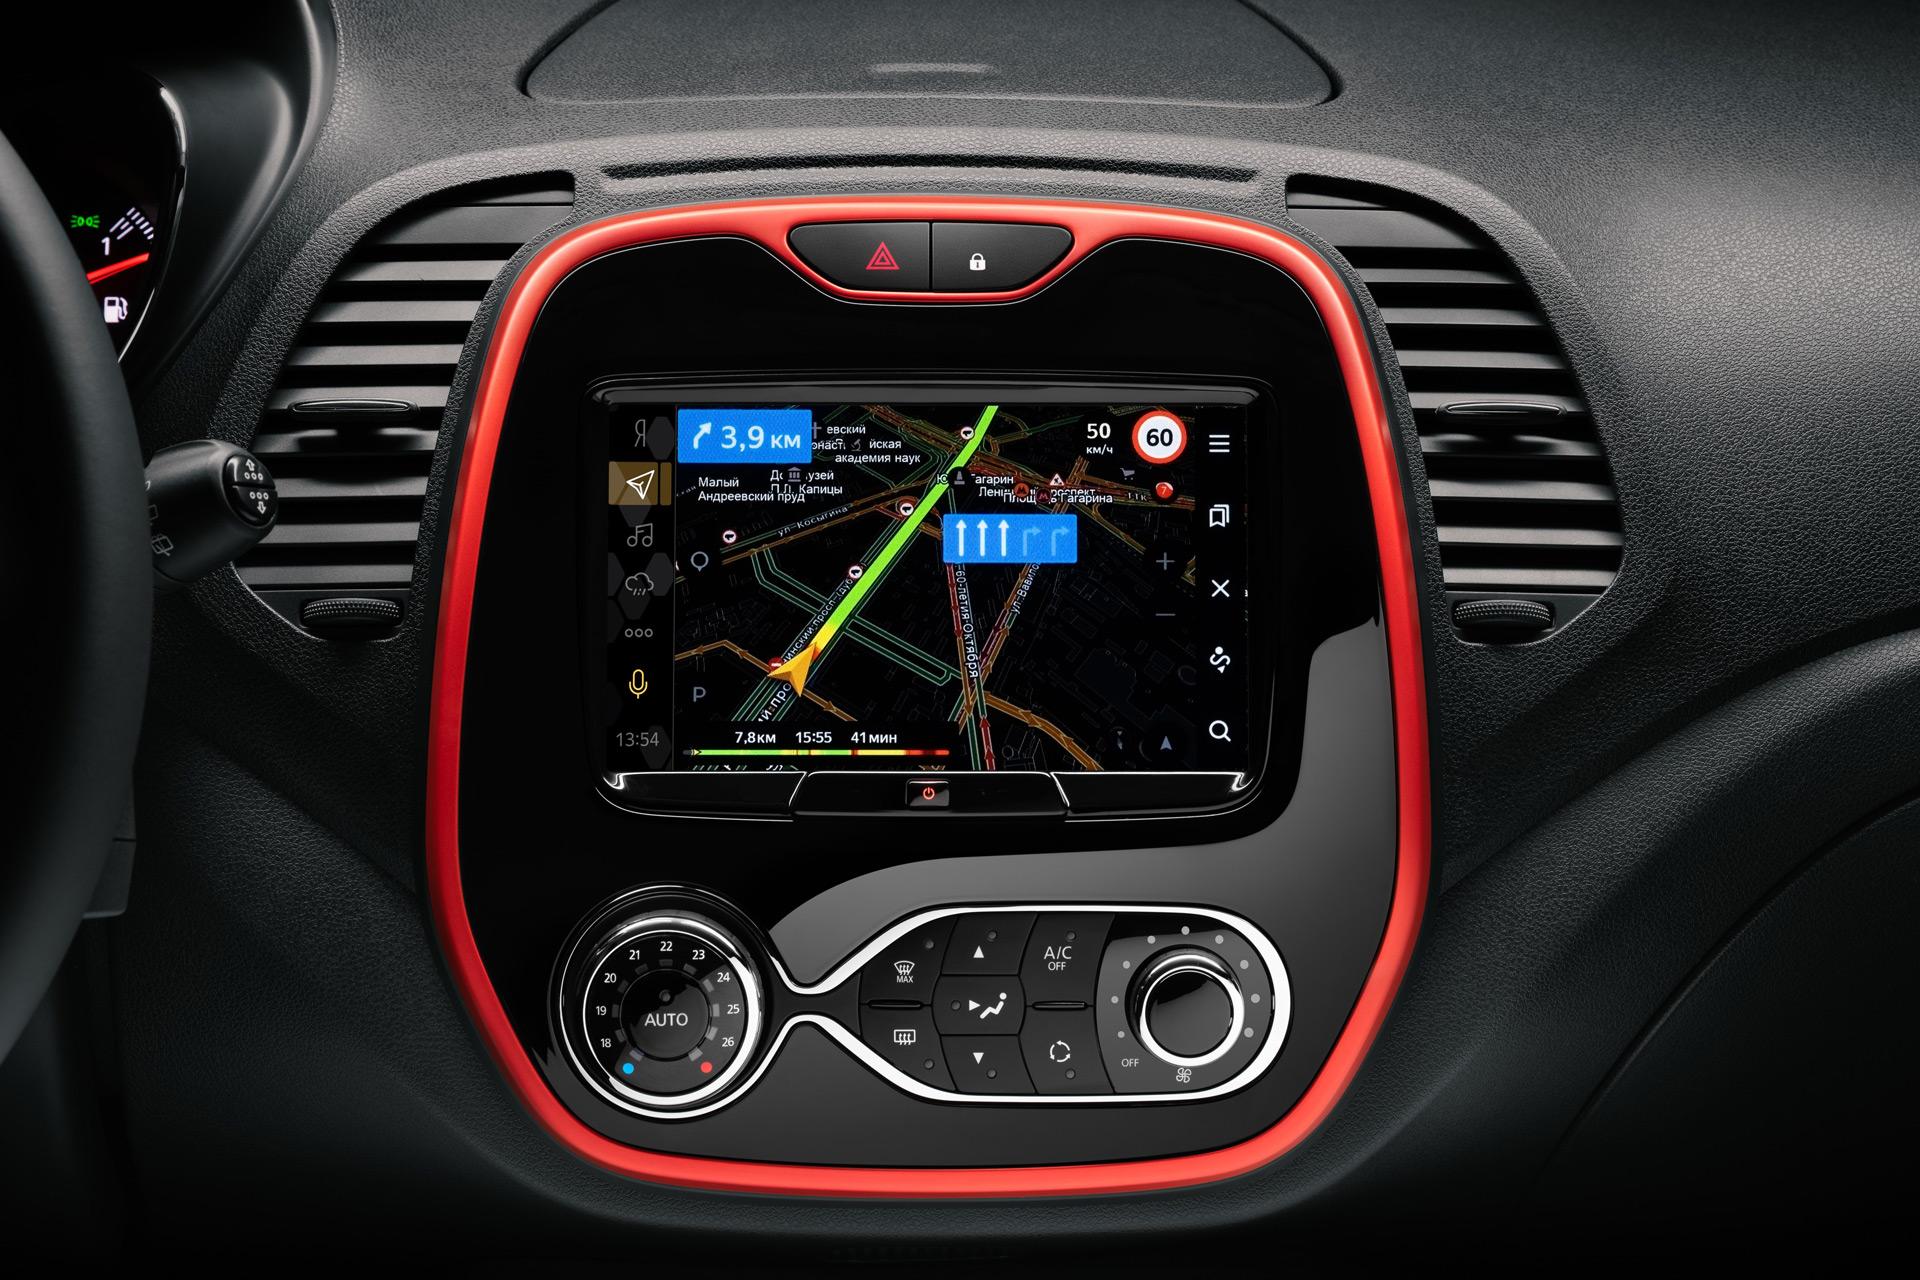 Renault Россия представляет Kaptur PLAY с мультимедийной системой на платформе Яндекс.Авто